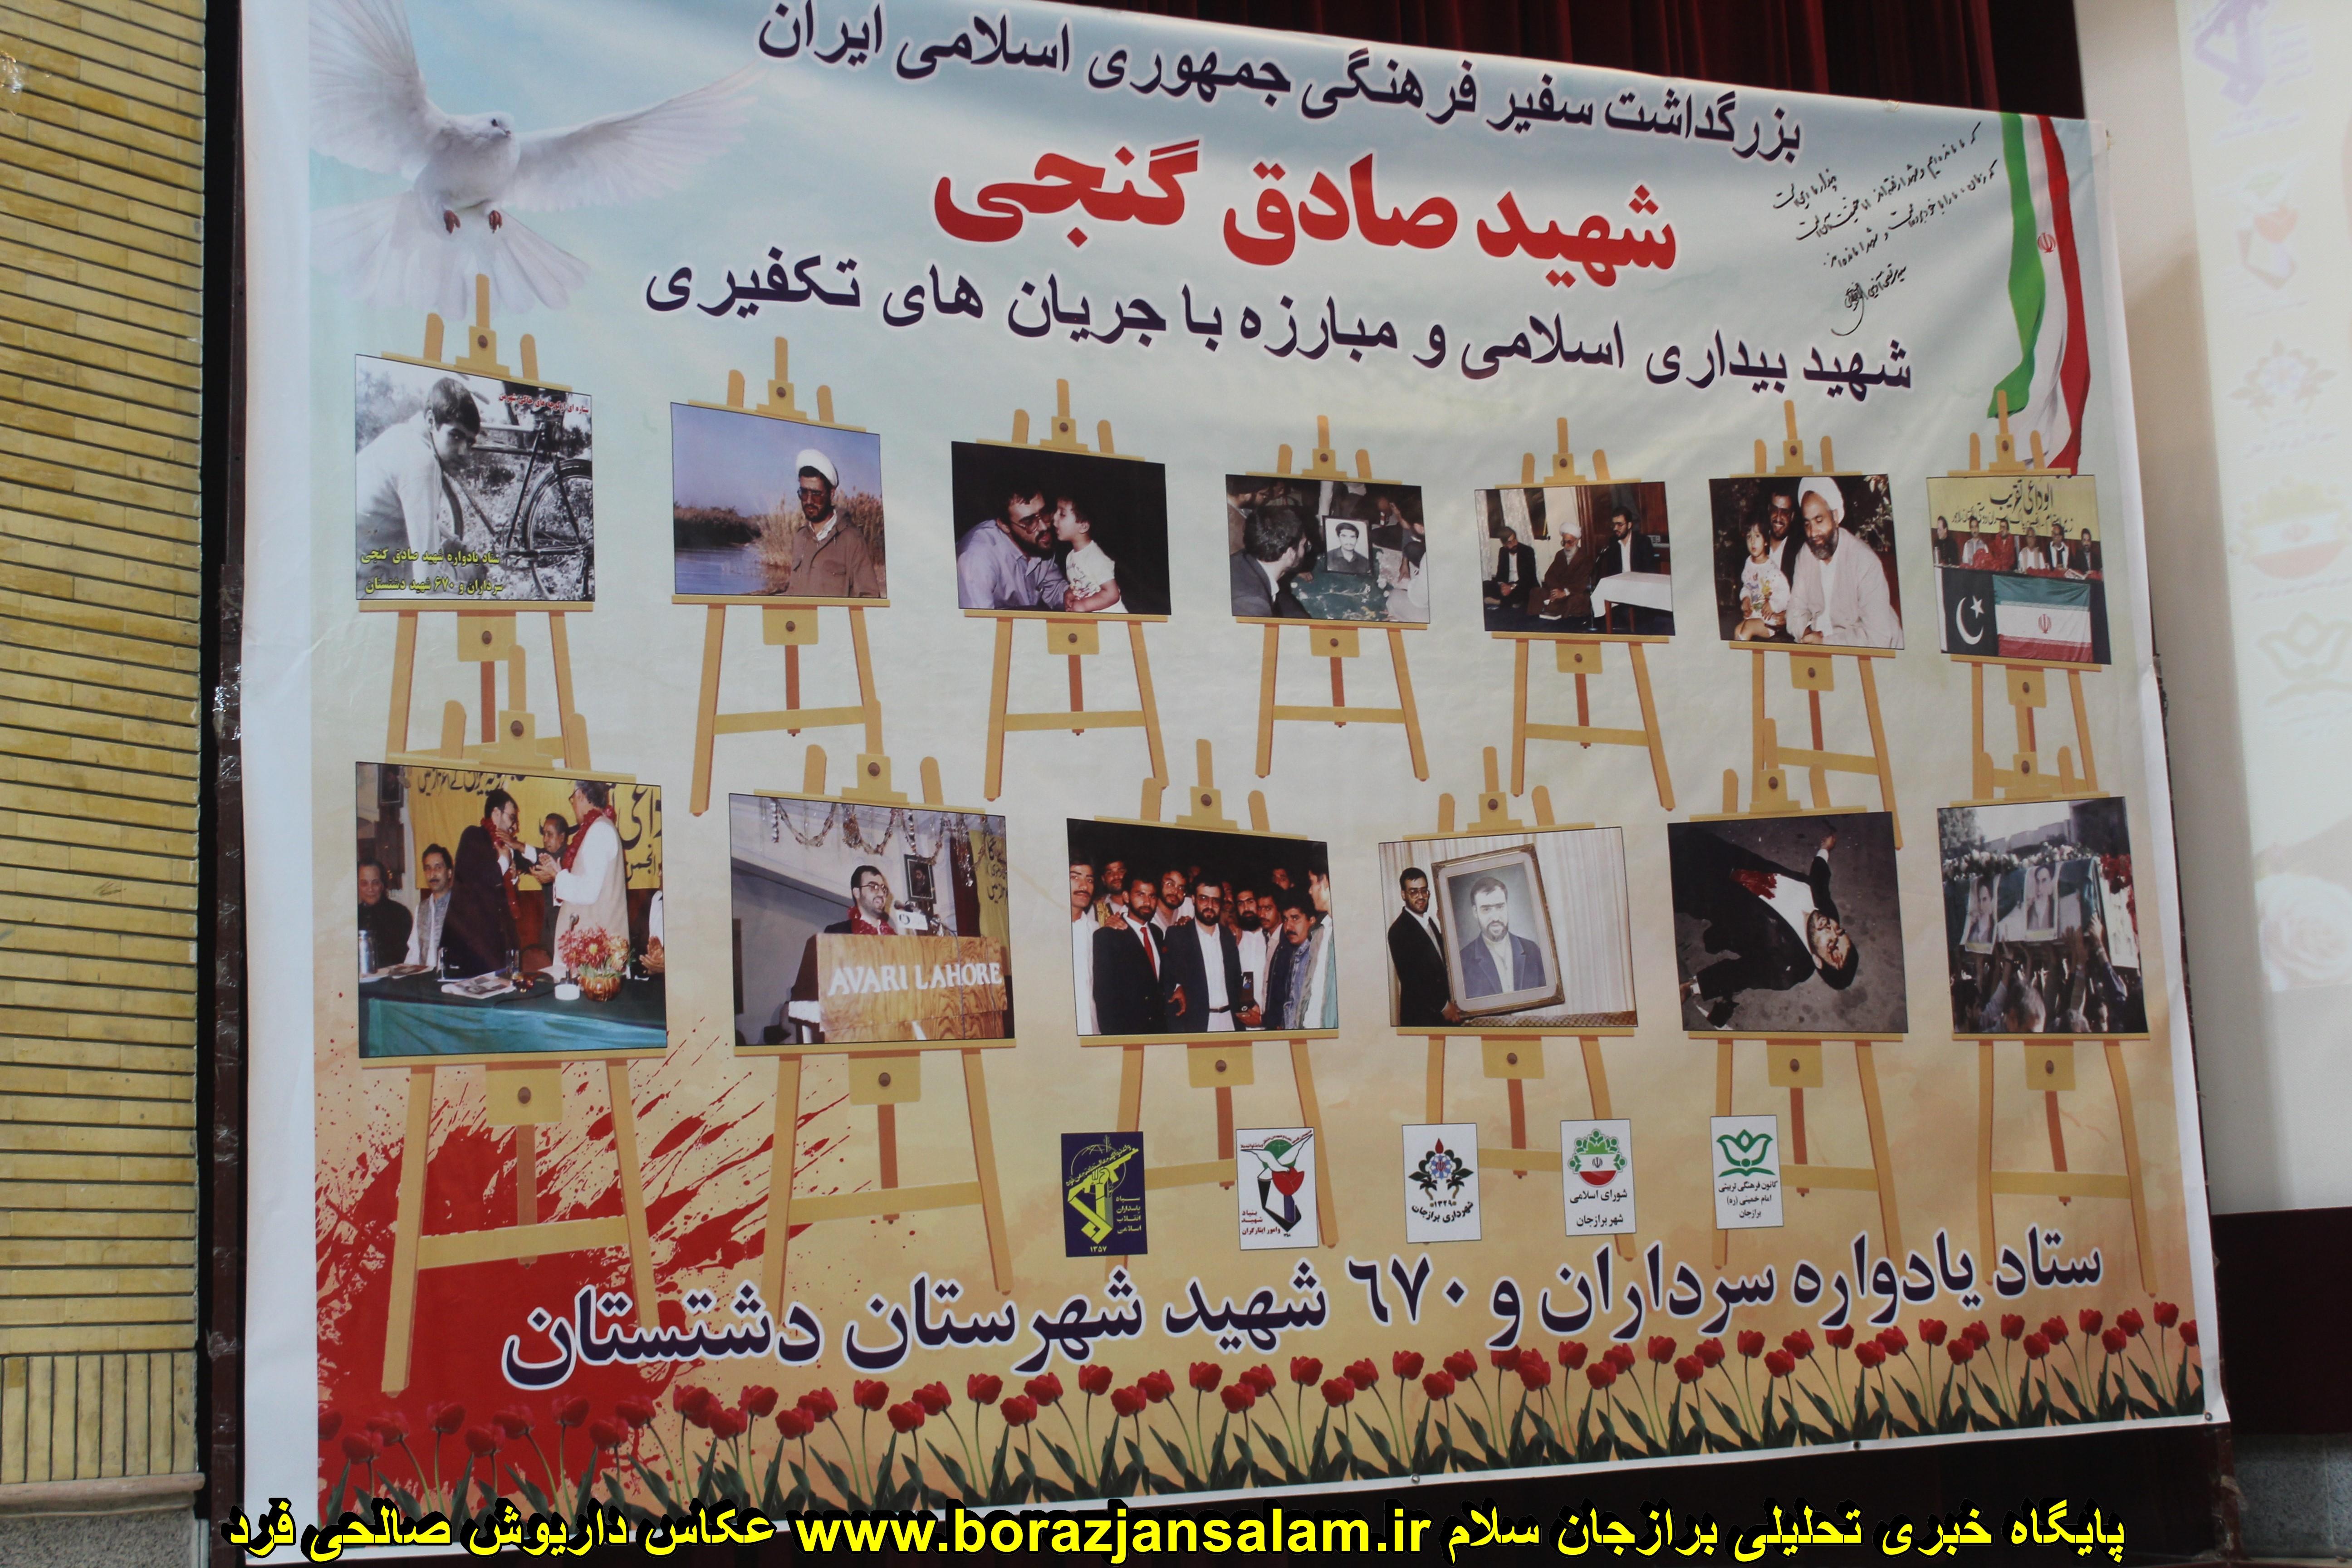 گزارش تصویری یادواره شهید صادق گنجی برازجان + عکس و فیلم اختصاصی